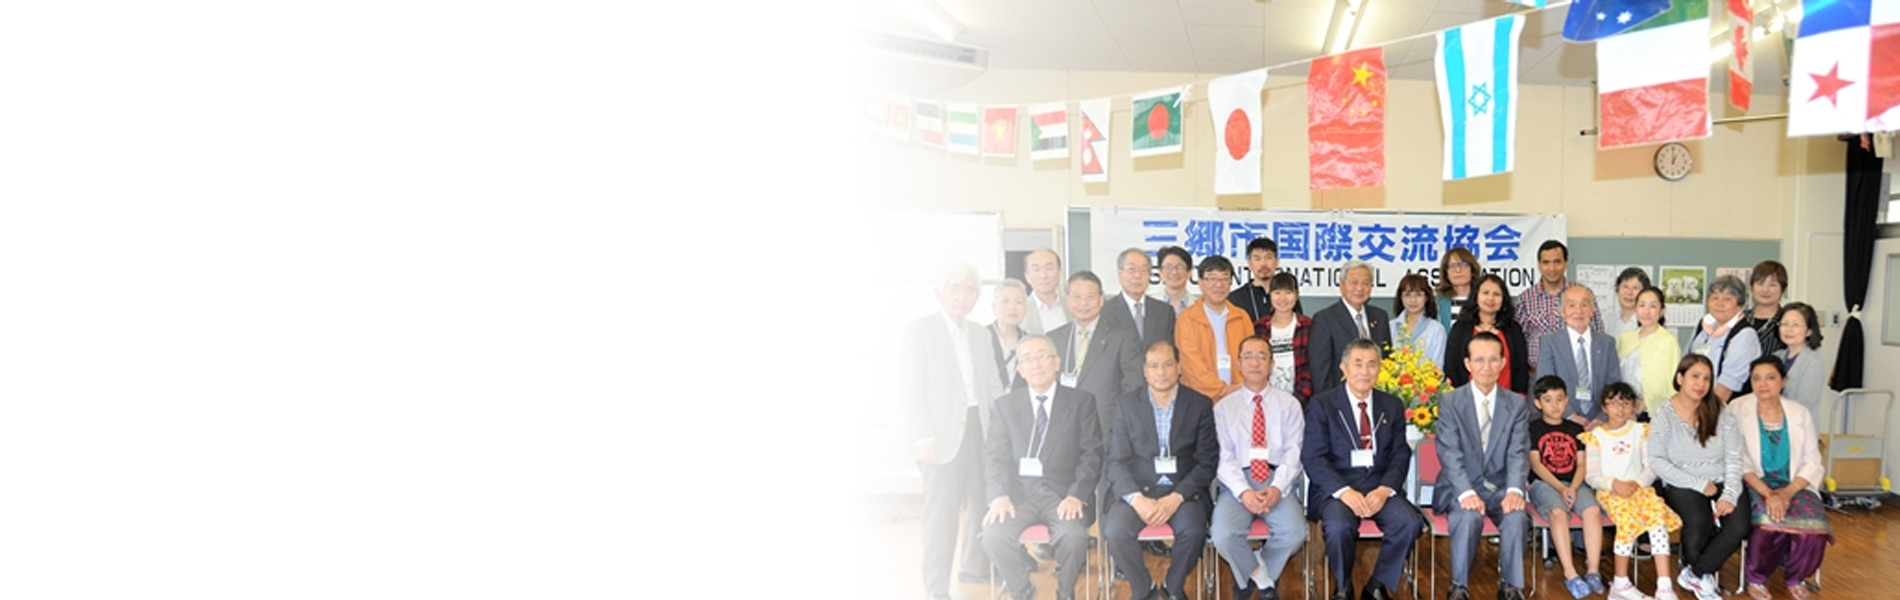 三郷市国際交流協会スライド